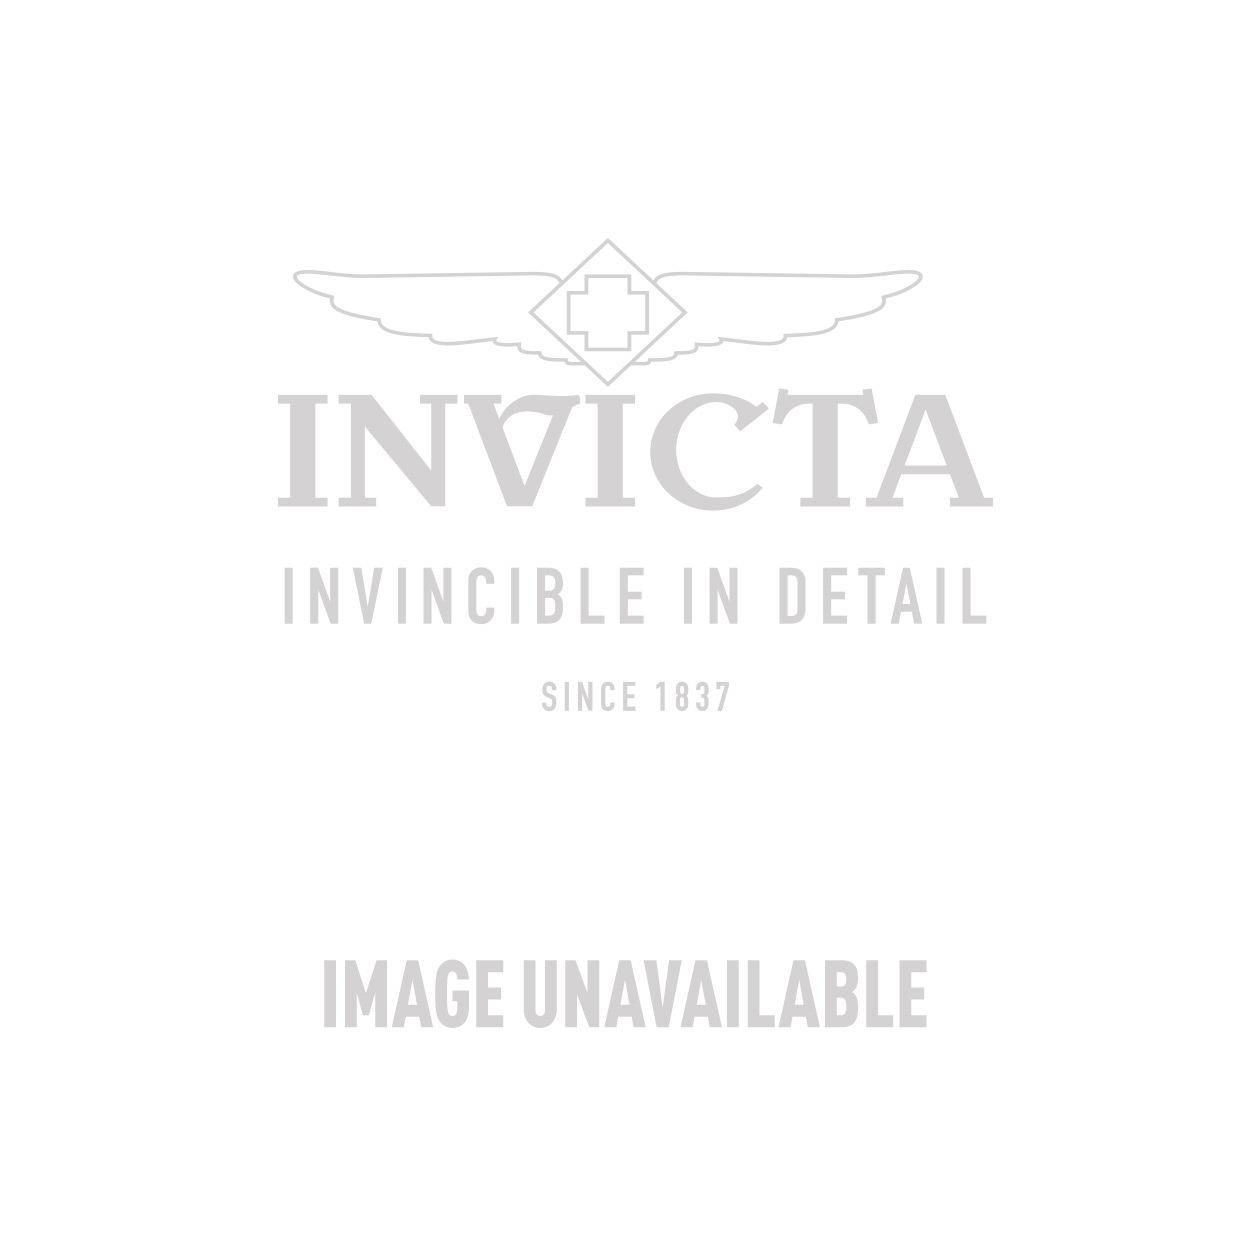 Invicta Model 23902